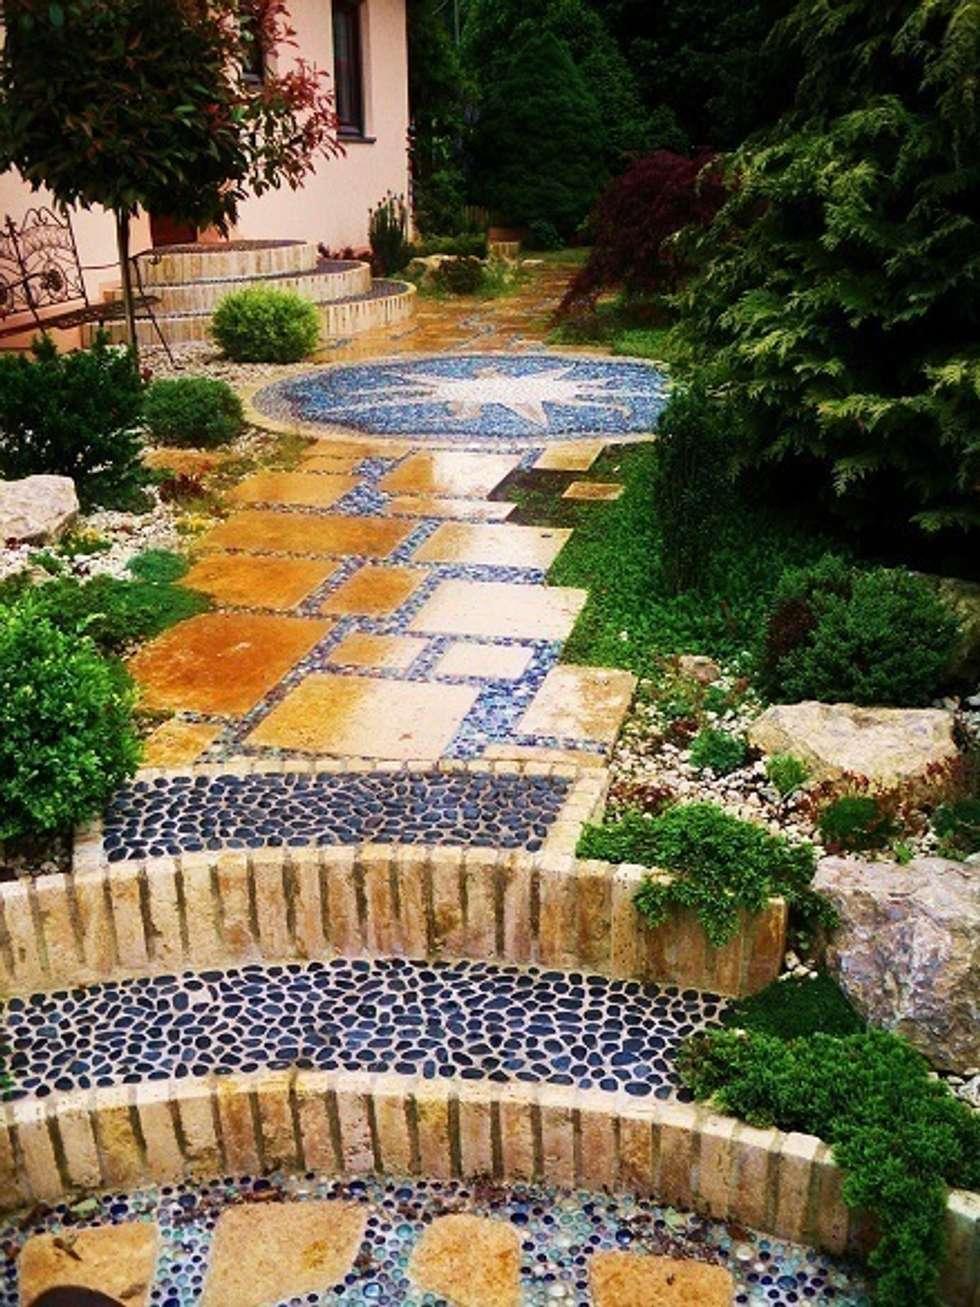 Mediterraner Garten Bilder Weg mit Travatin und Kieseln